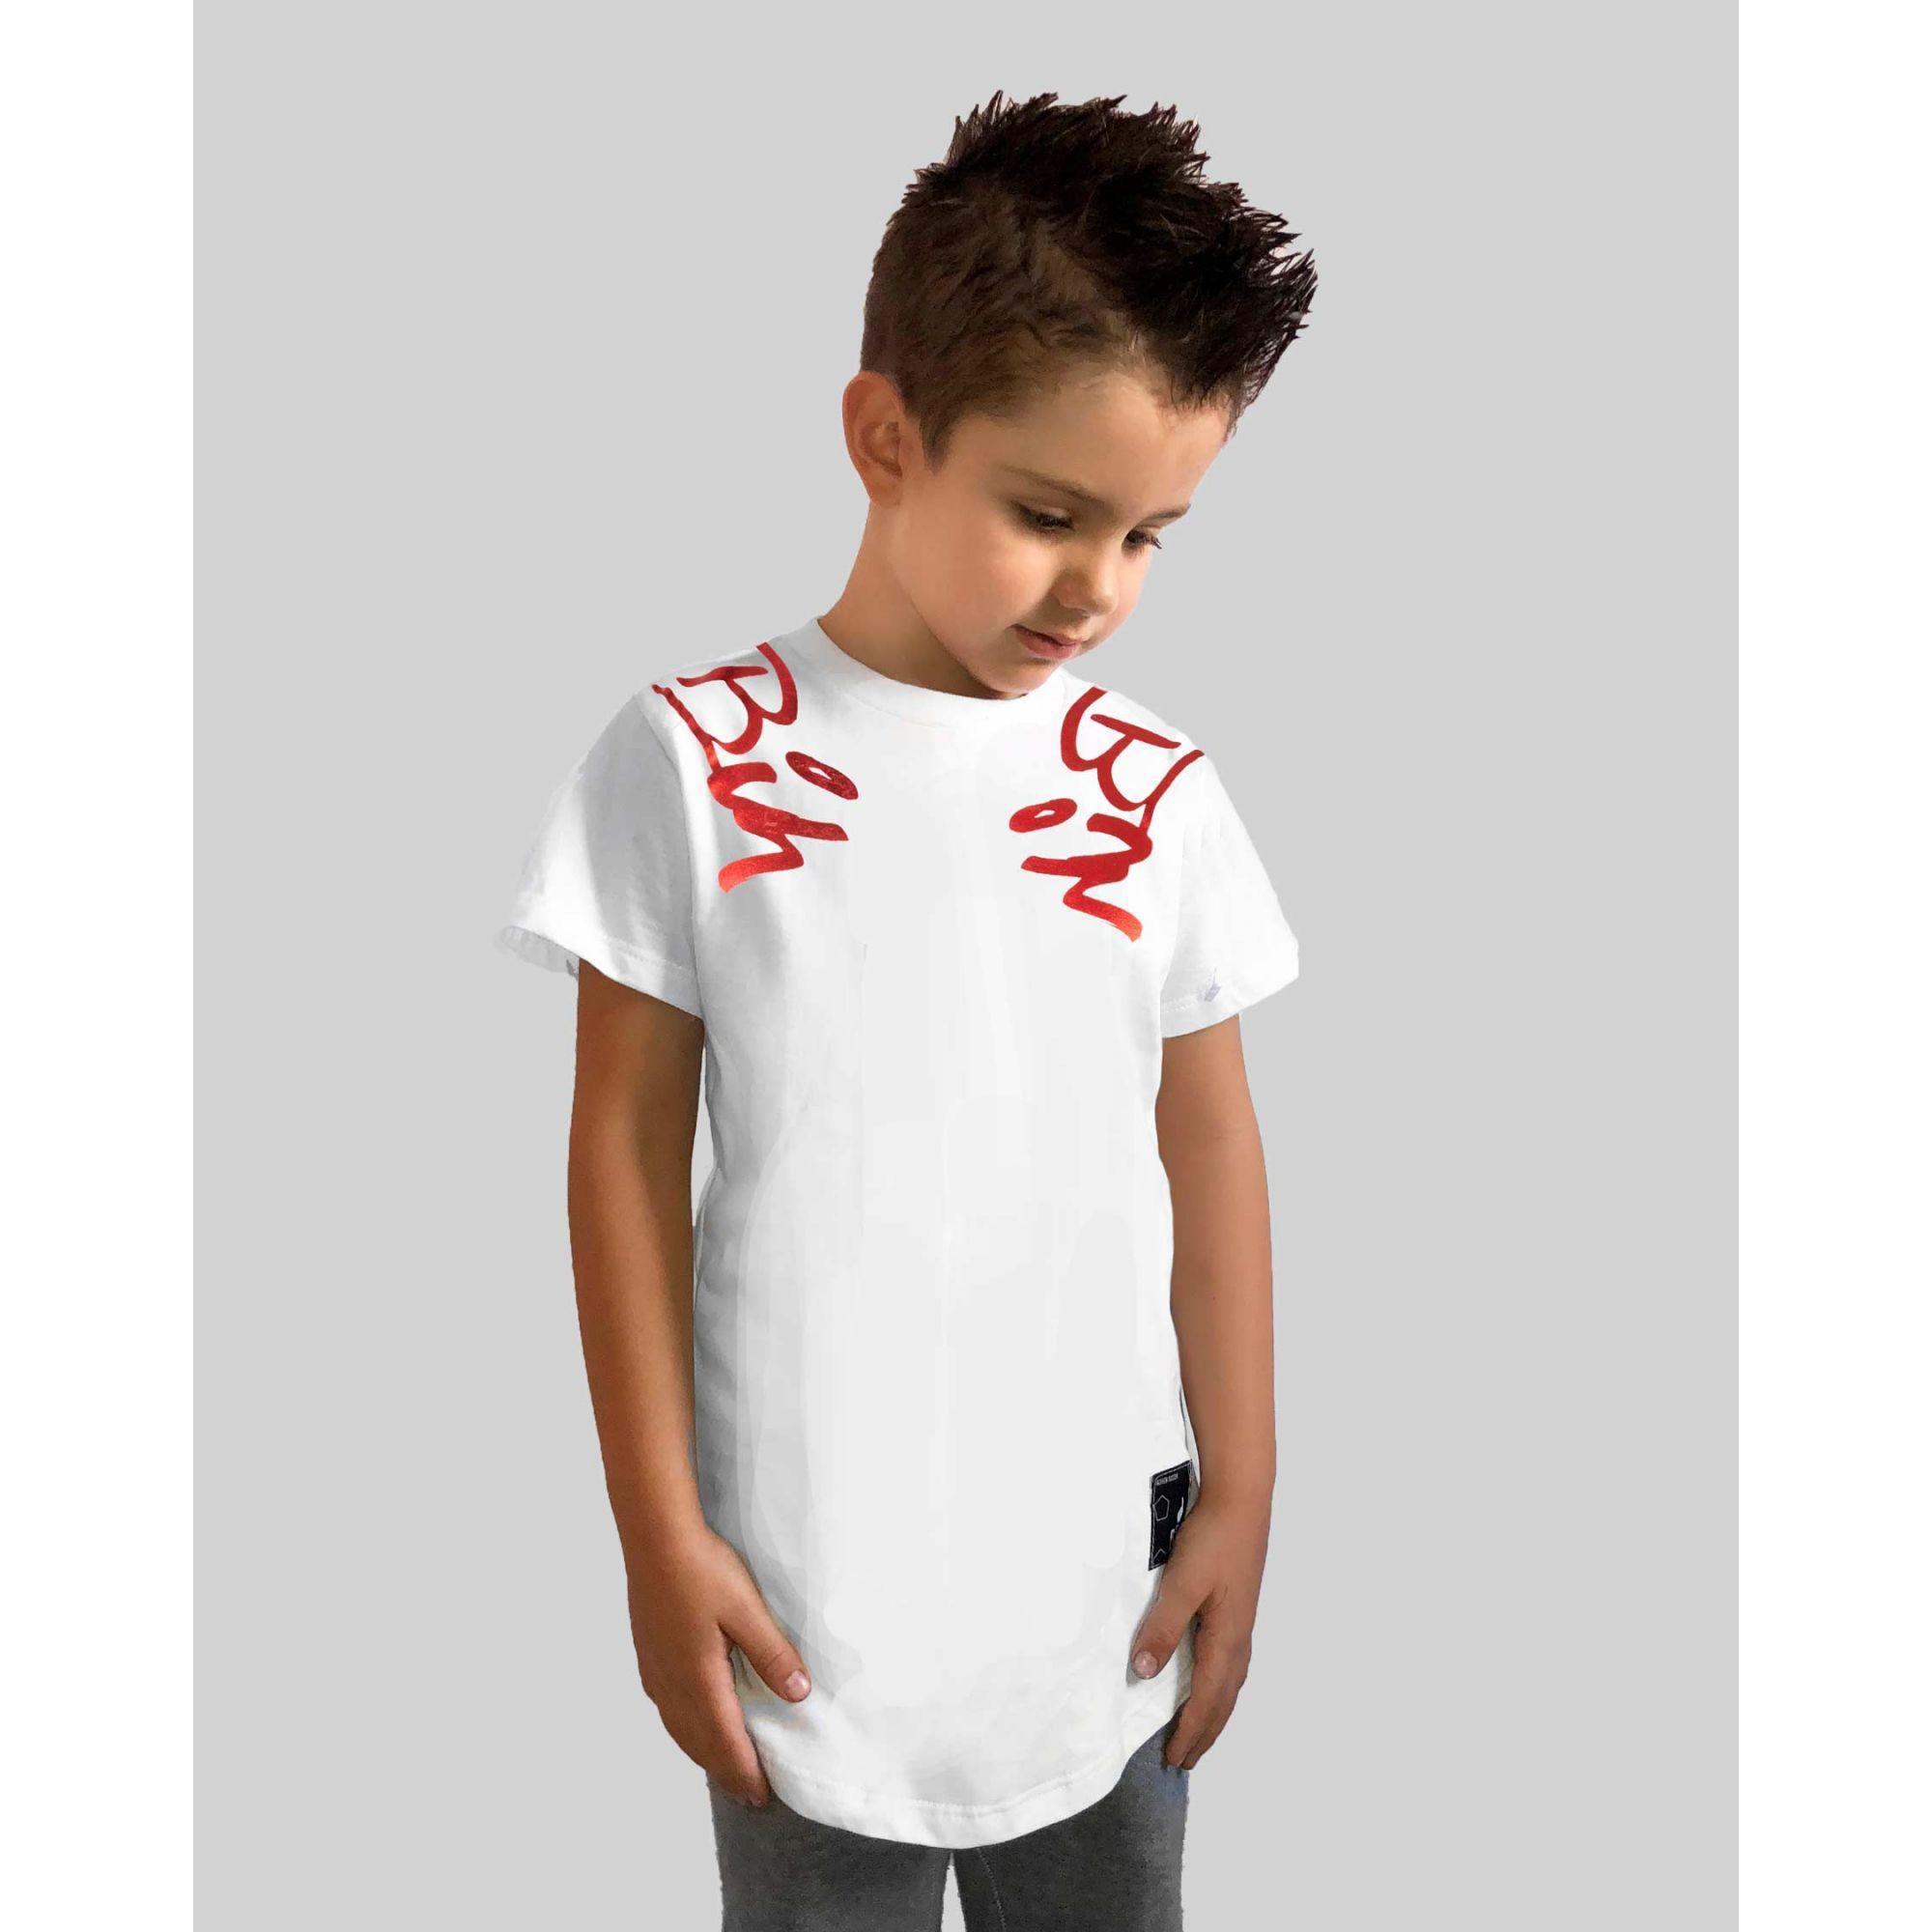 Camiseta Buh Kids Espelhada White